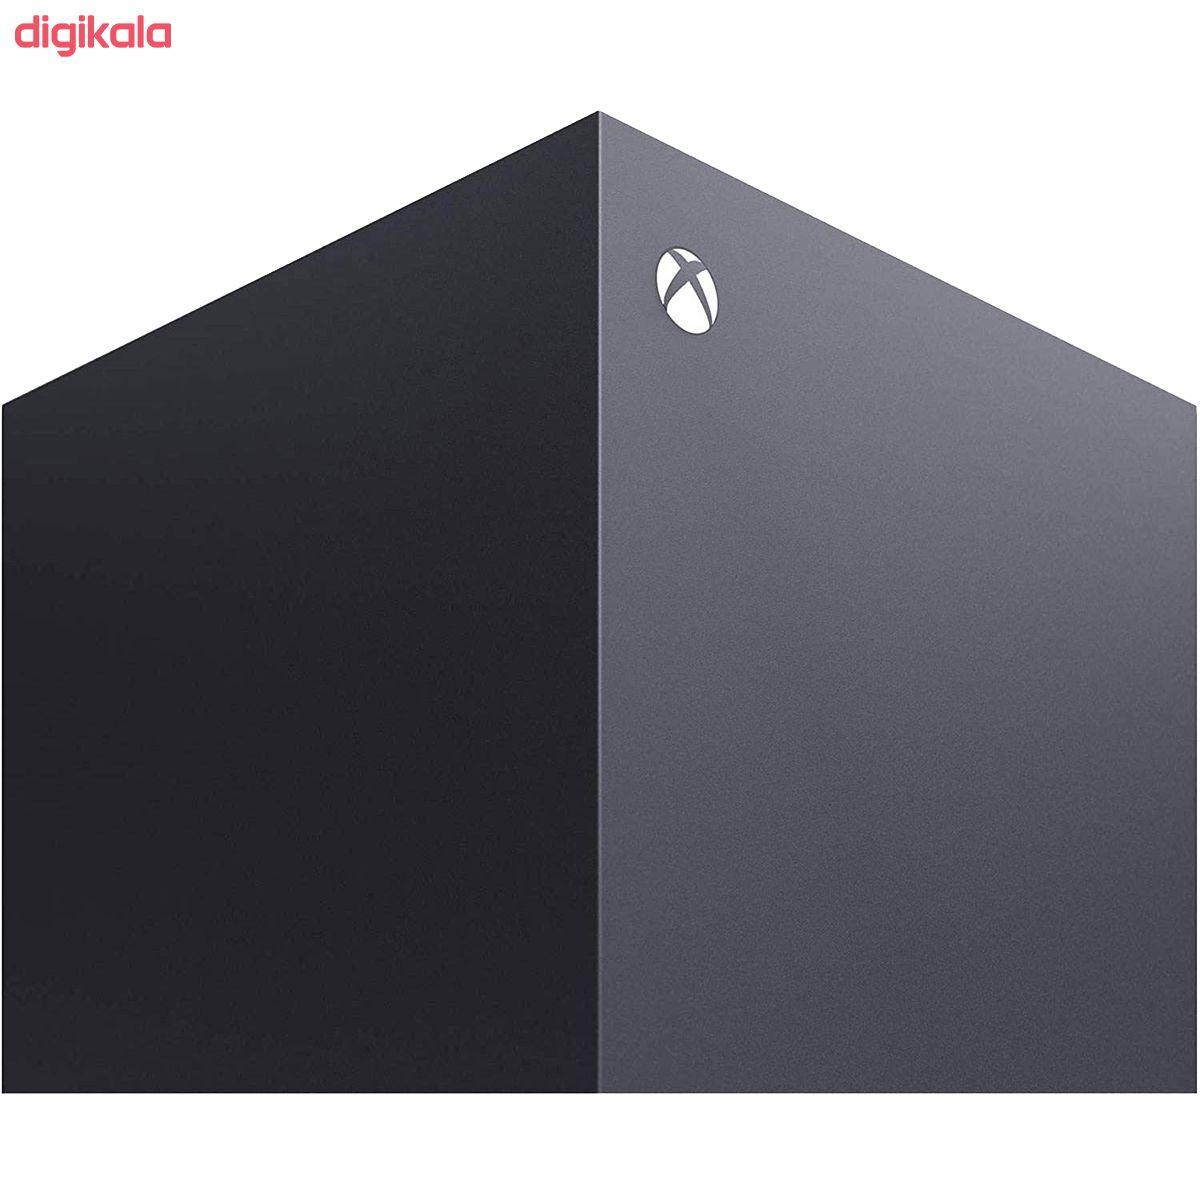 مجموعه کنسول بازی مایکروسافت مدل Xbox Series X ظرفیت 1 ترابایت main 1 5